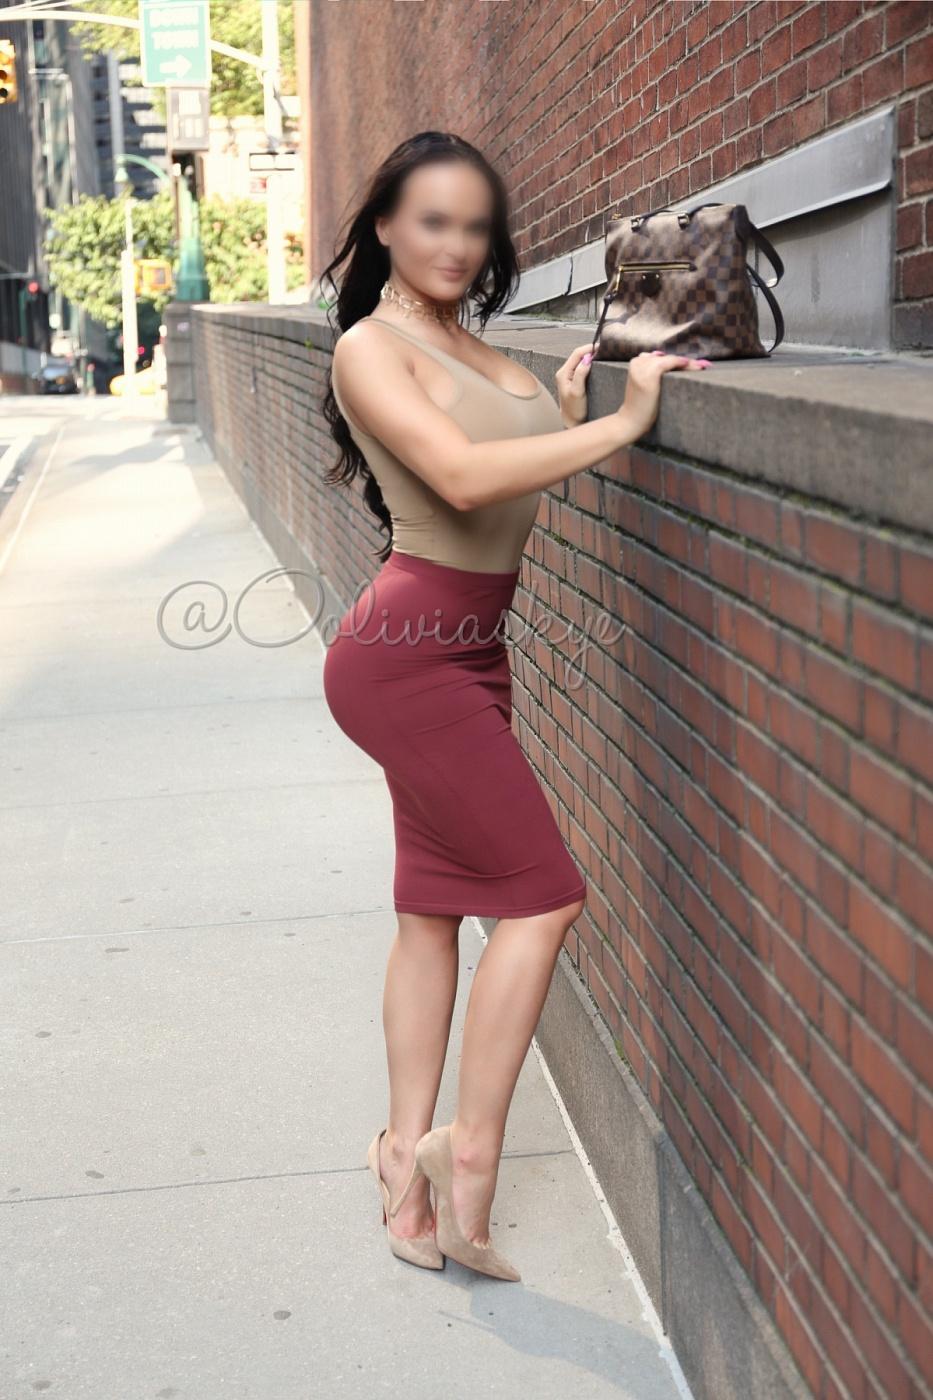 Olivia Skye